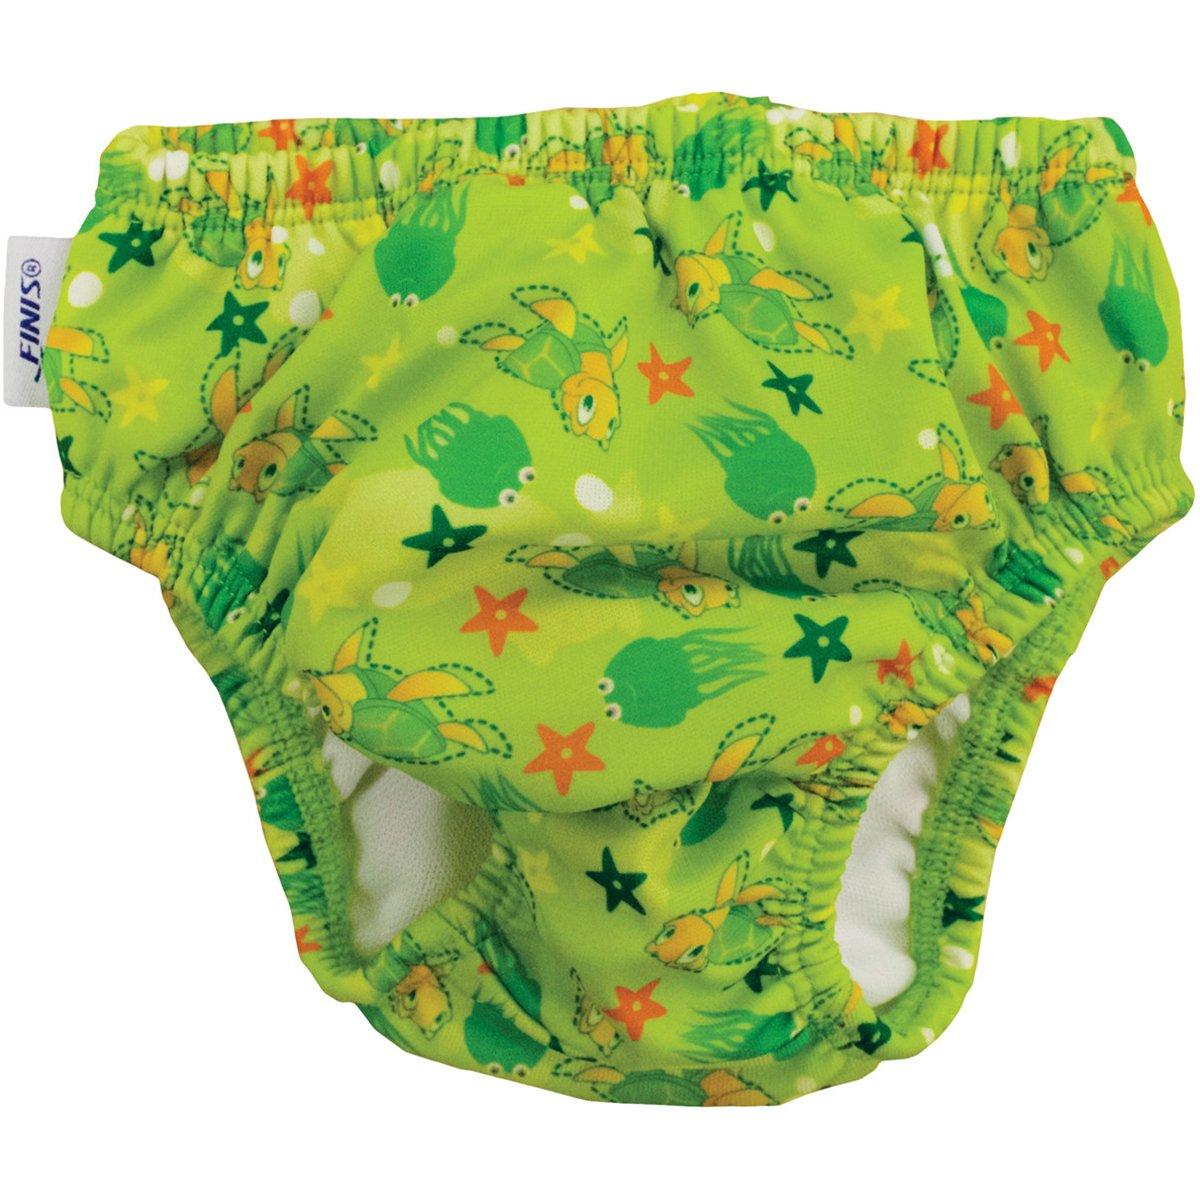 Turtle Green, Medium FINIS Swim Diaper